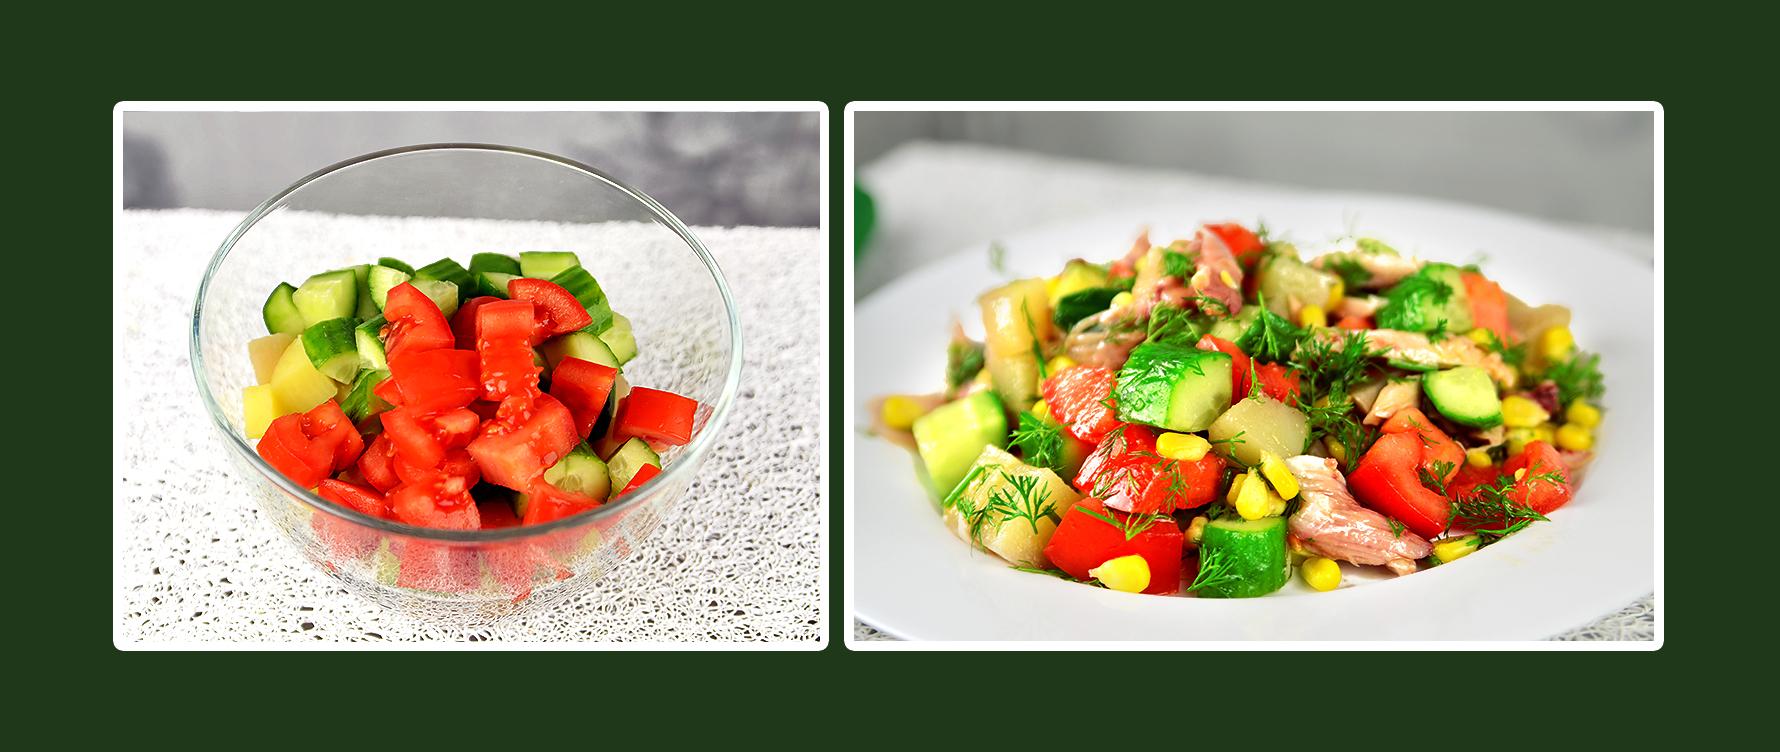 Gemüsesalat mit Hähnchenbrustfilet und Tomaten